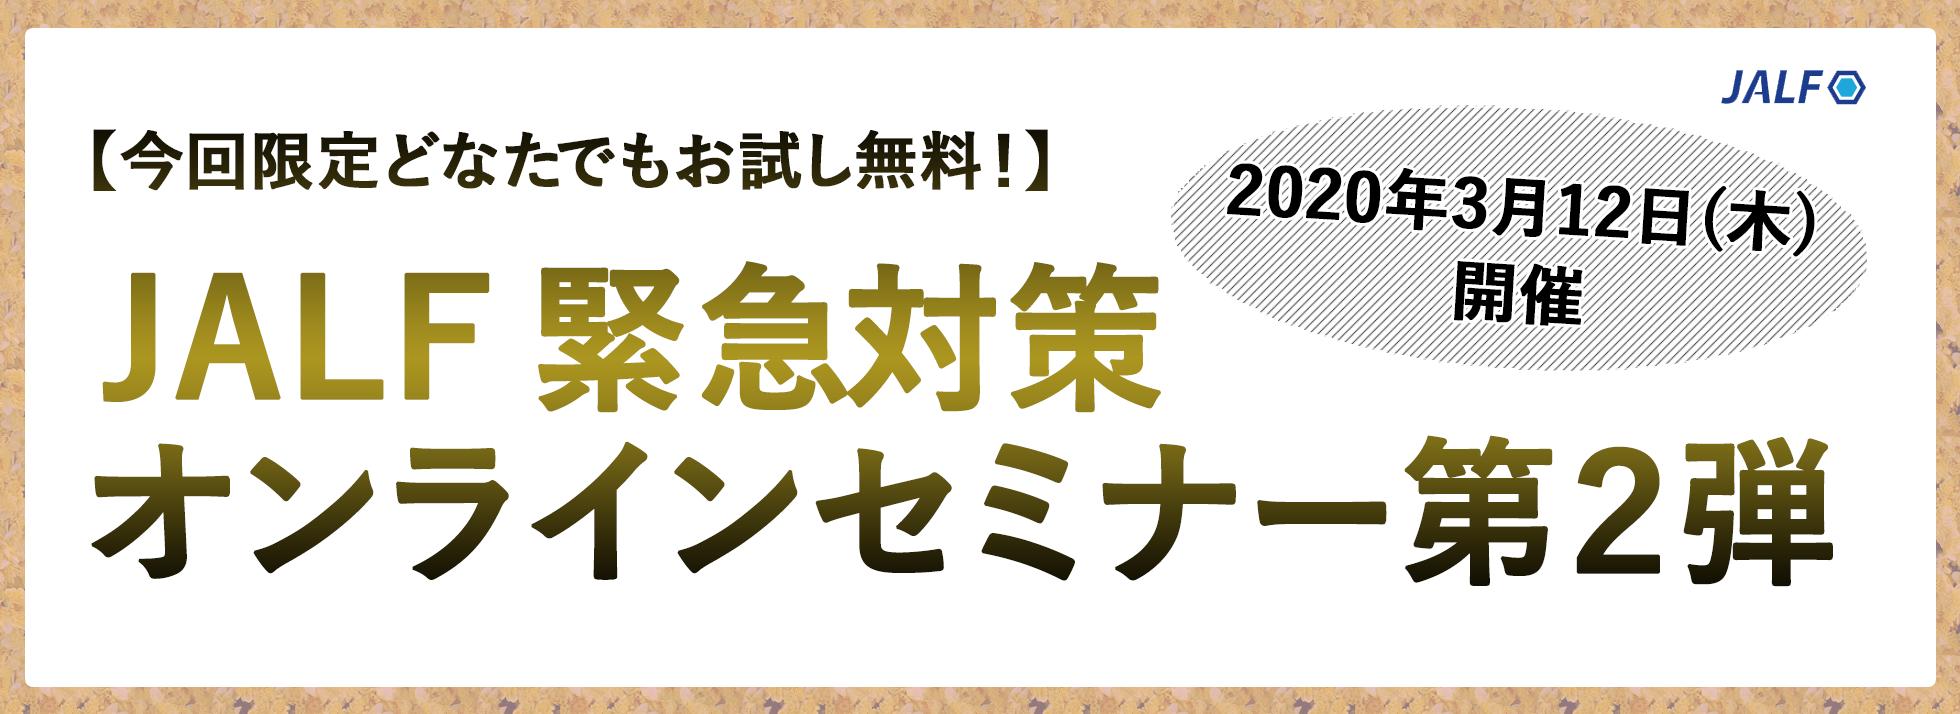 【今回限定どなたでもお試し無料!】 JALF緊急対策オンラインセミナー第2弾 3月12日開催